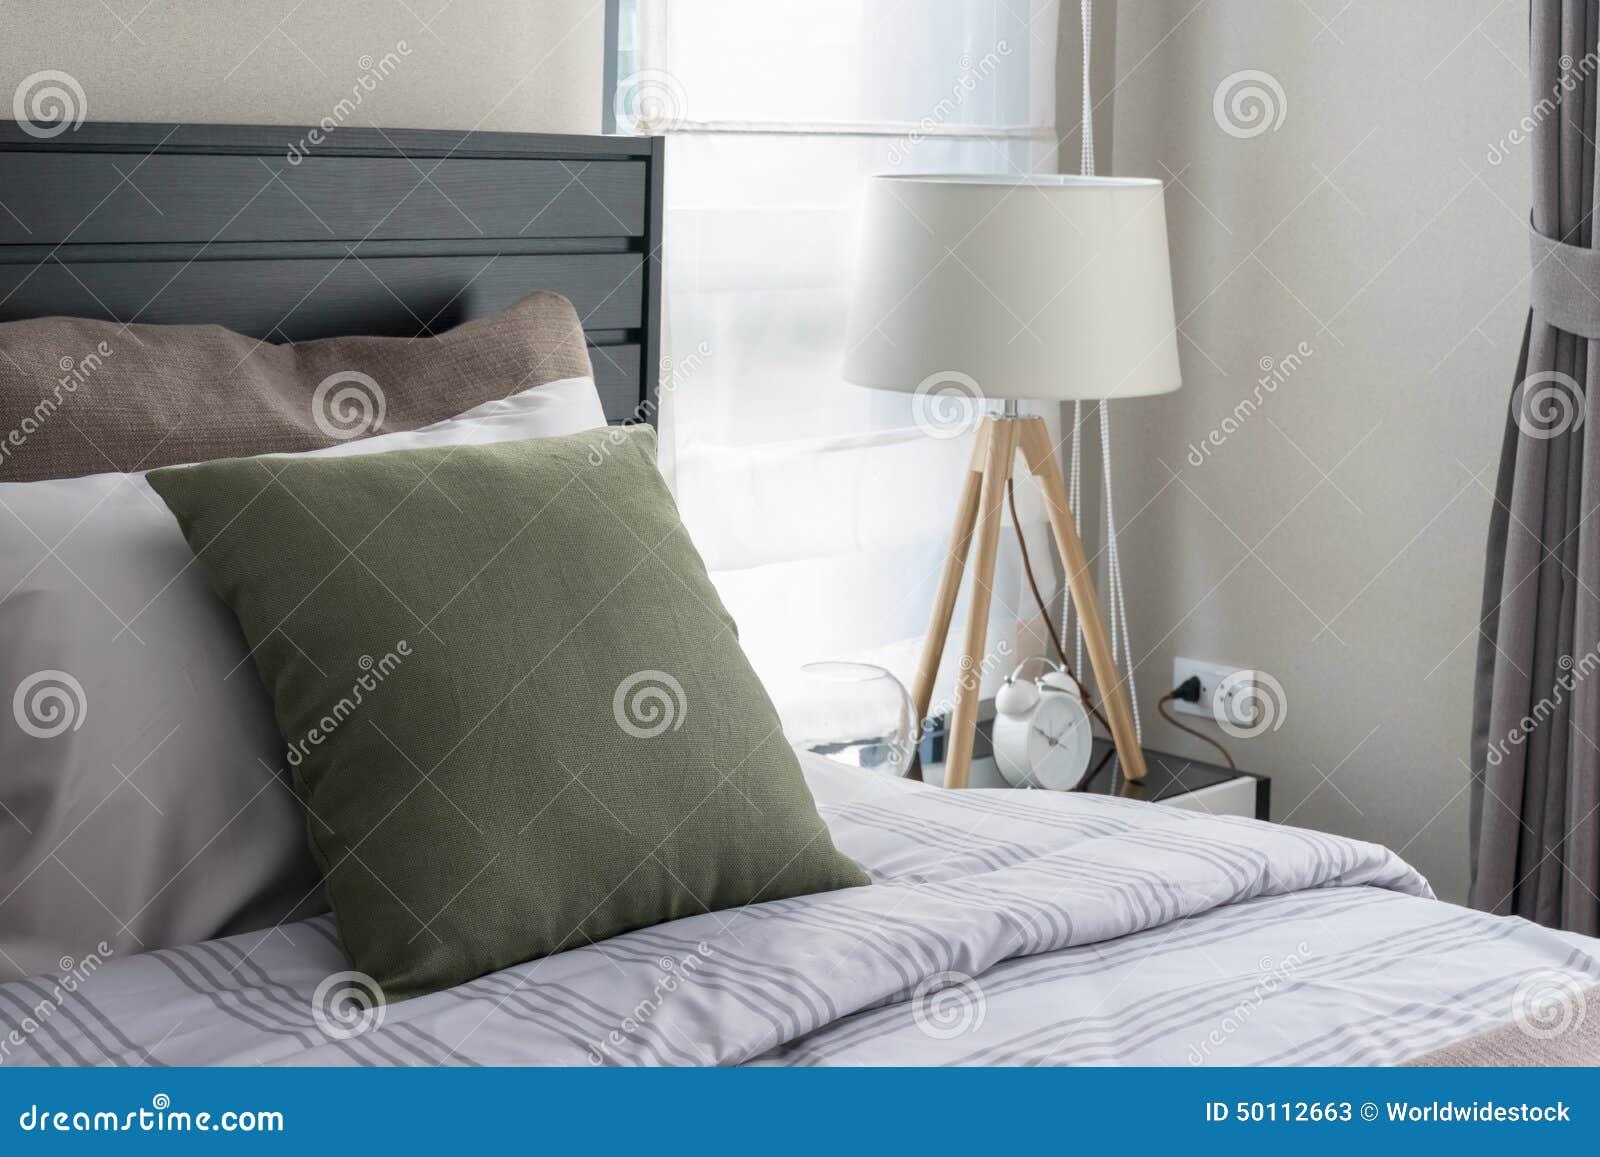 Modernes Schlafzimmer Mit Grünem Kissen Stockbild - Bild von leuchte ...